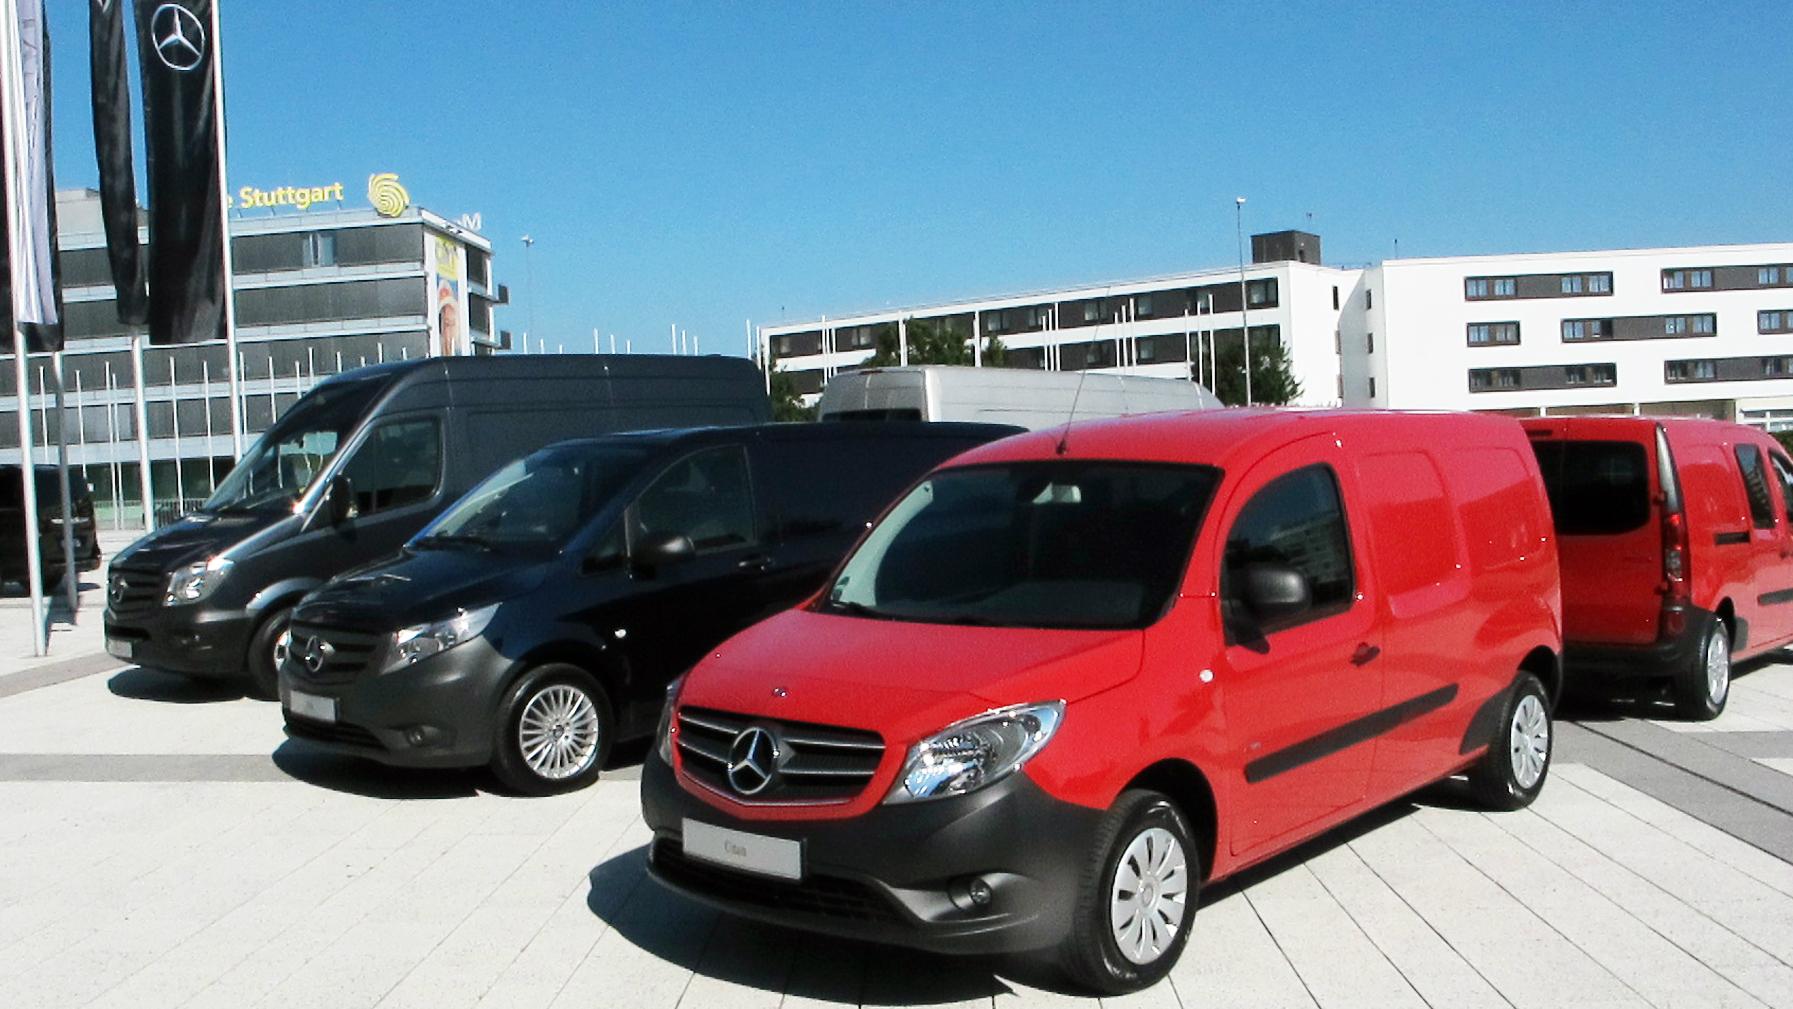 Mercedes Van campue fleet